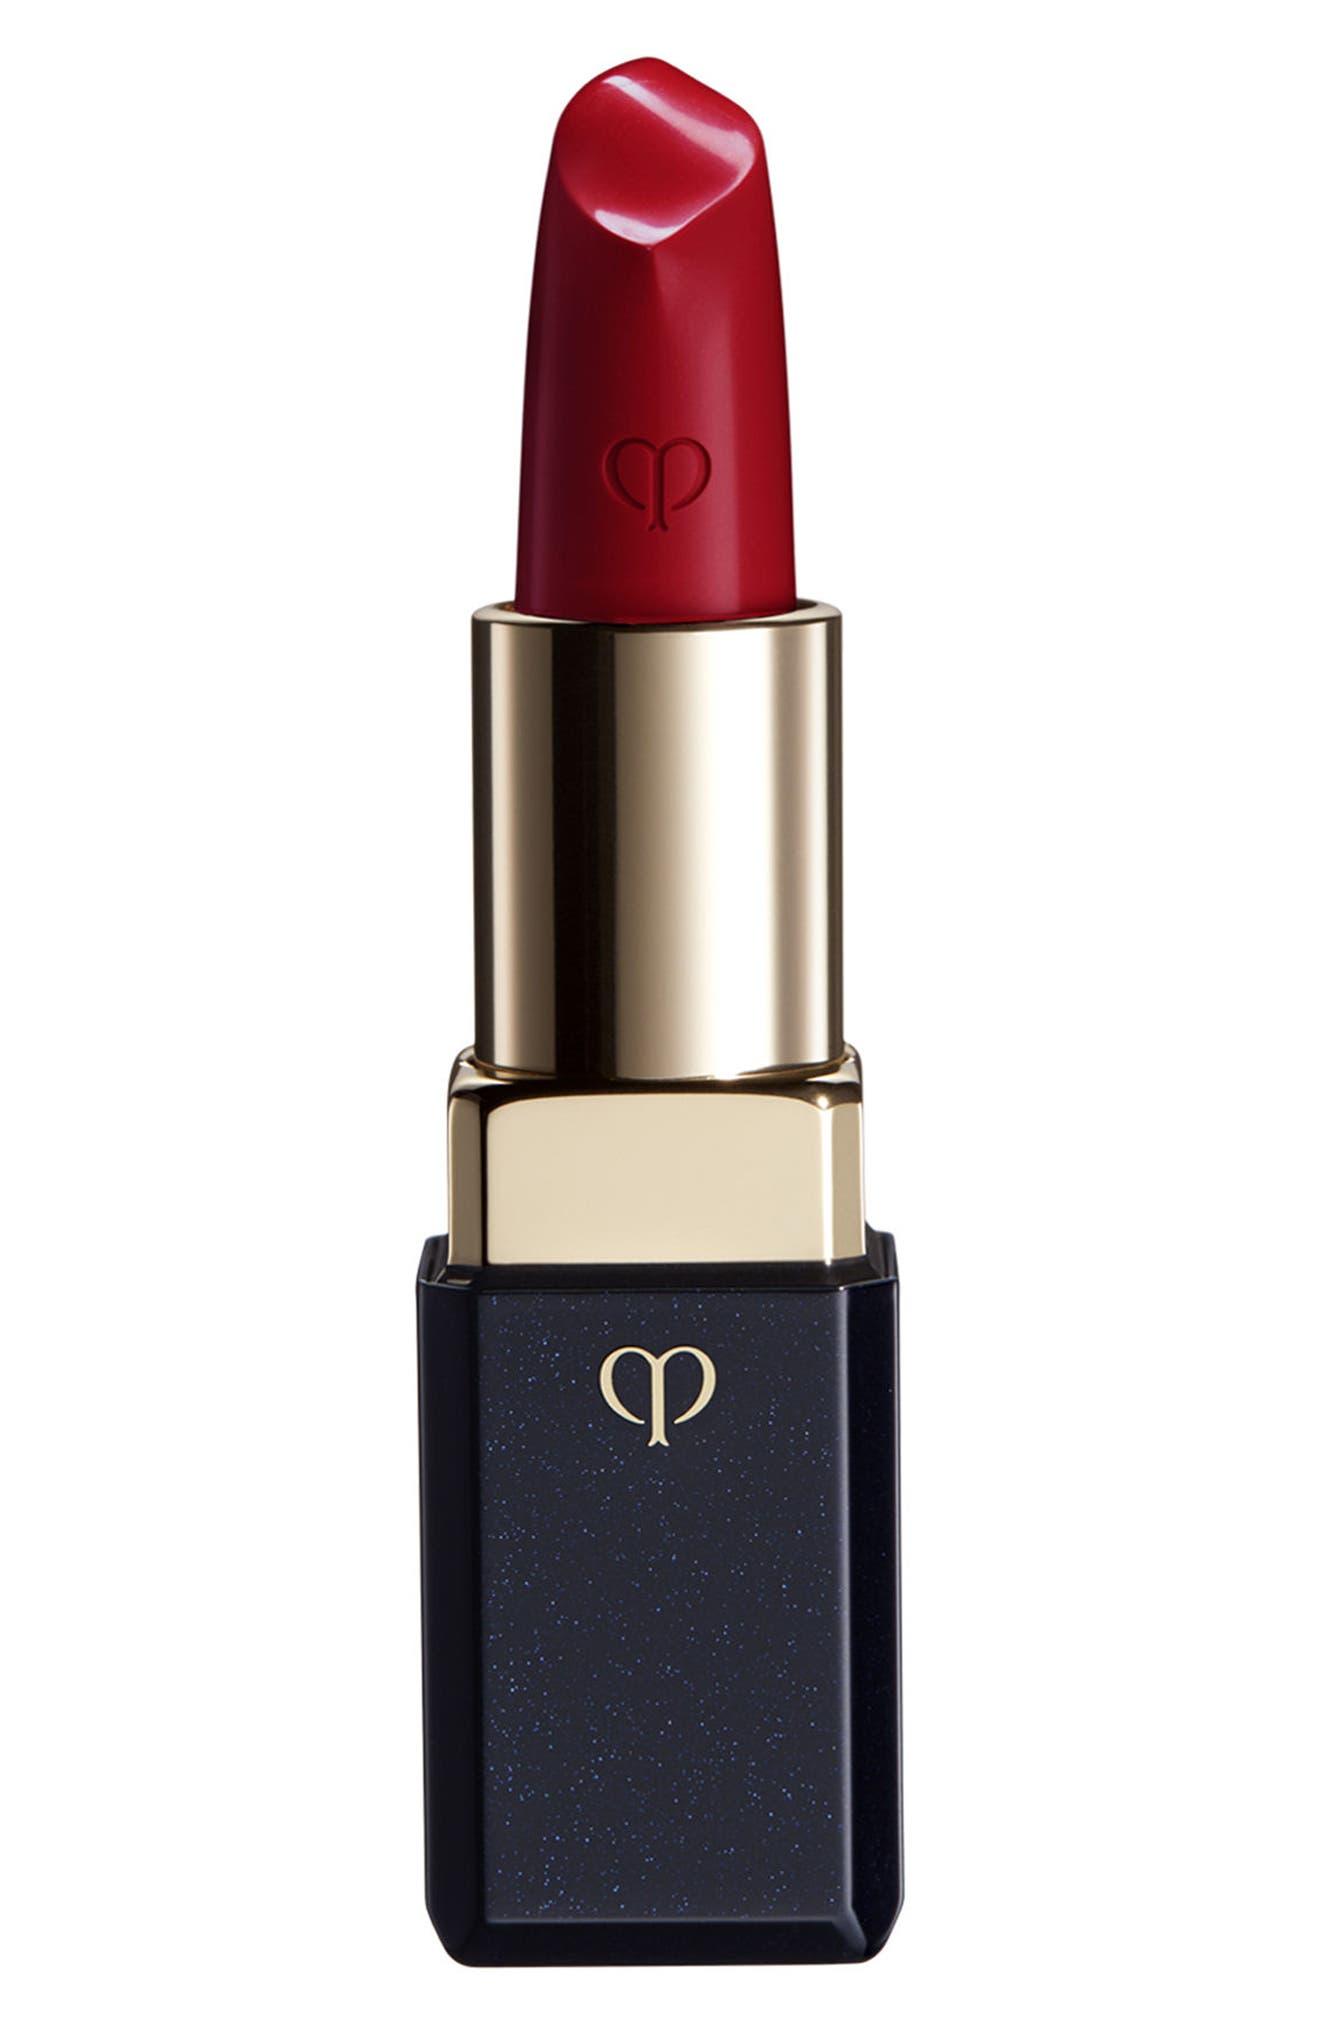 Clé de Peau Beauté Lipstick (Limited Edition)